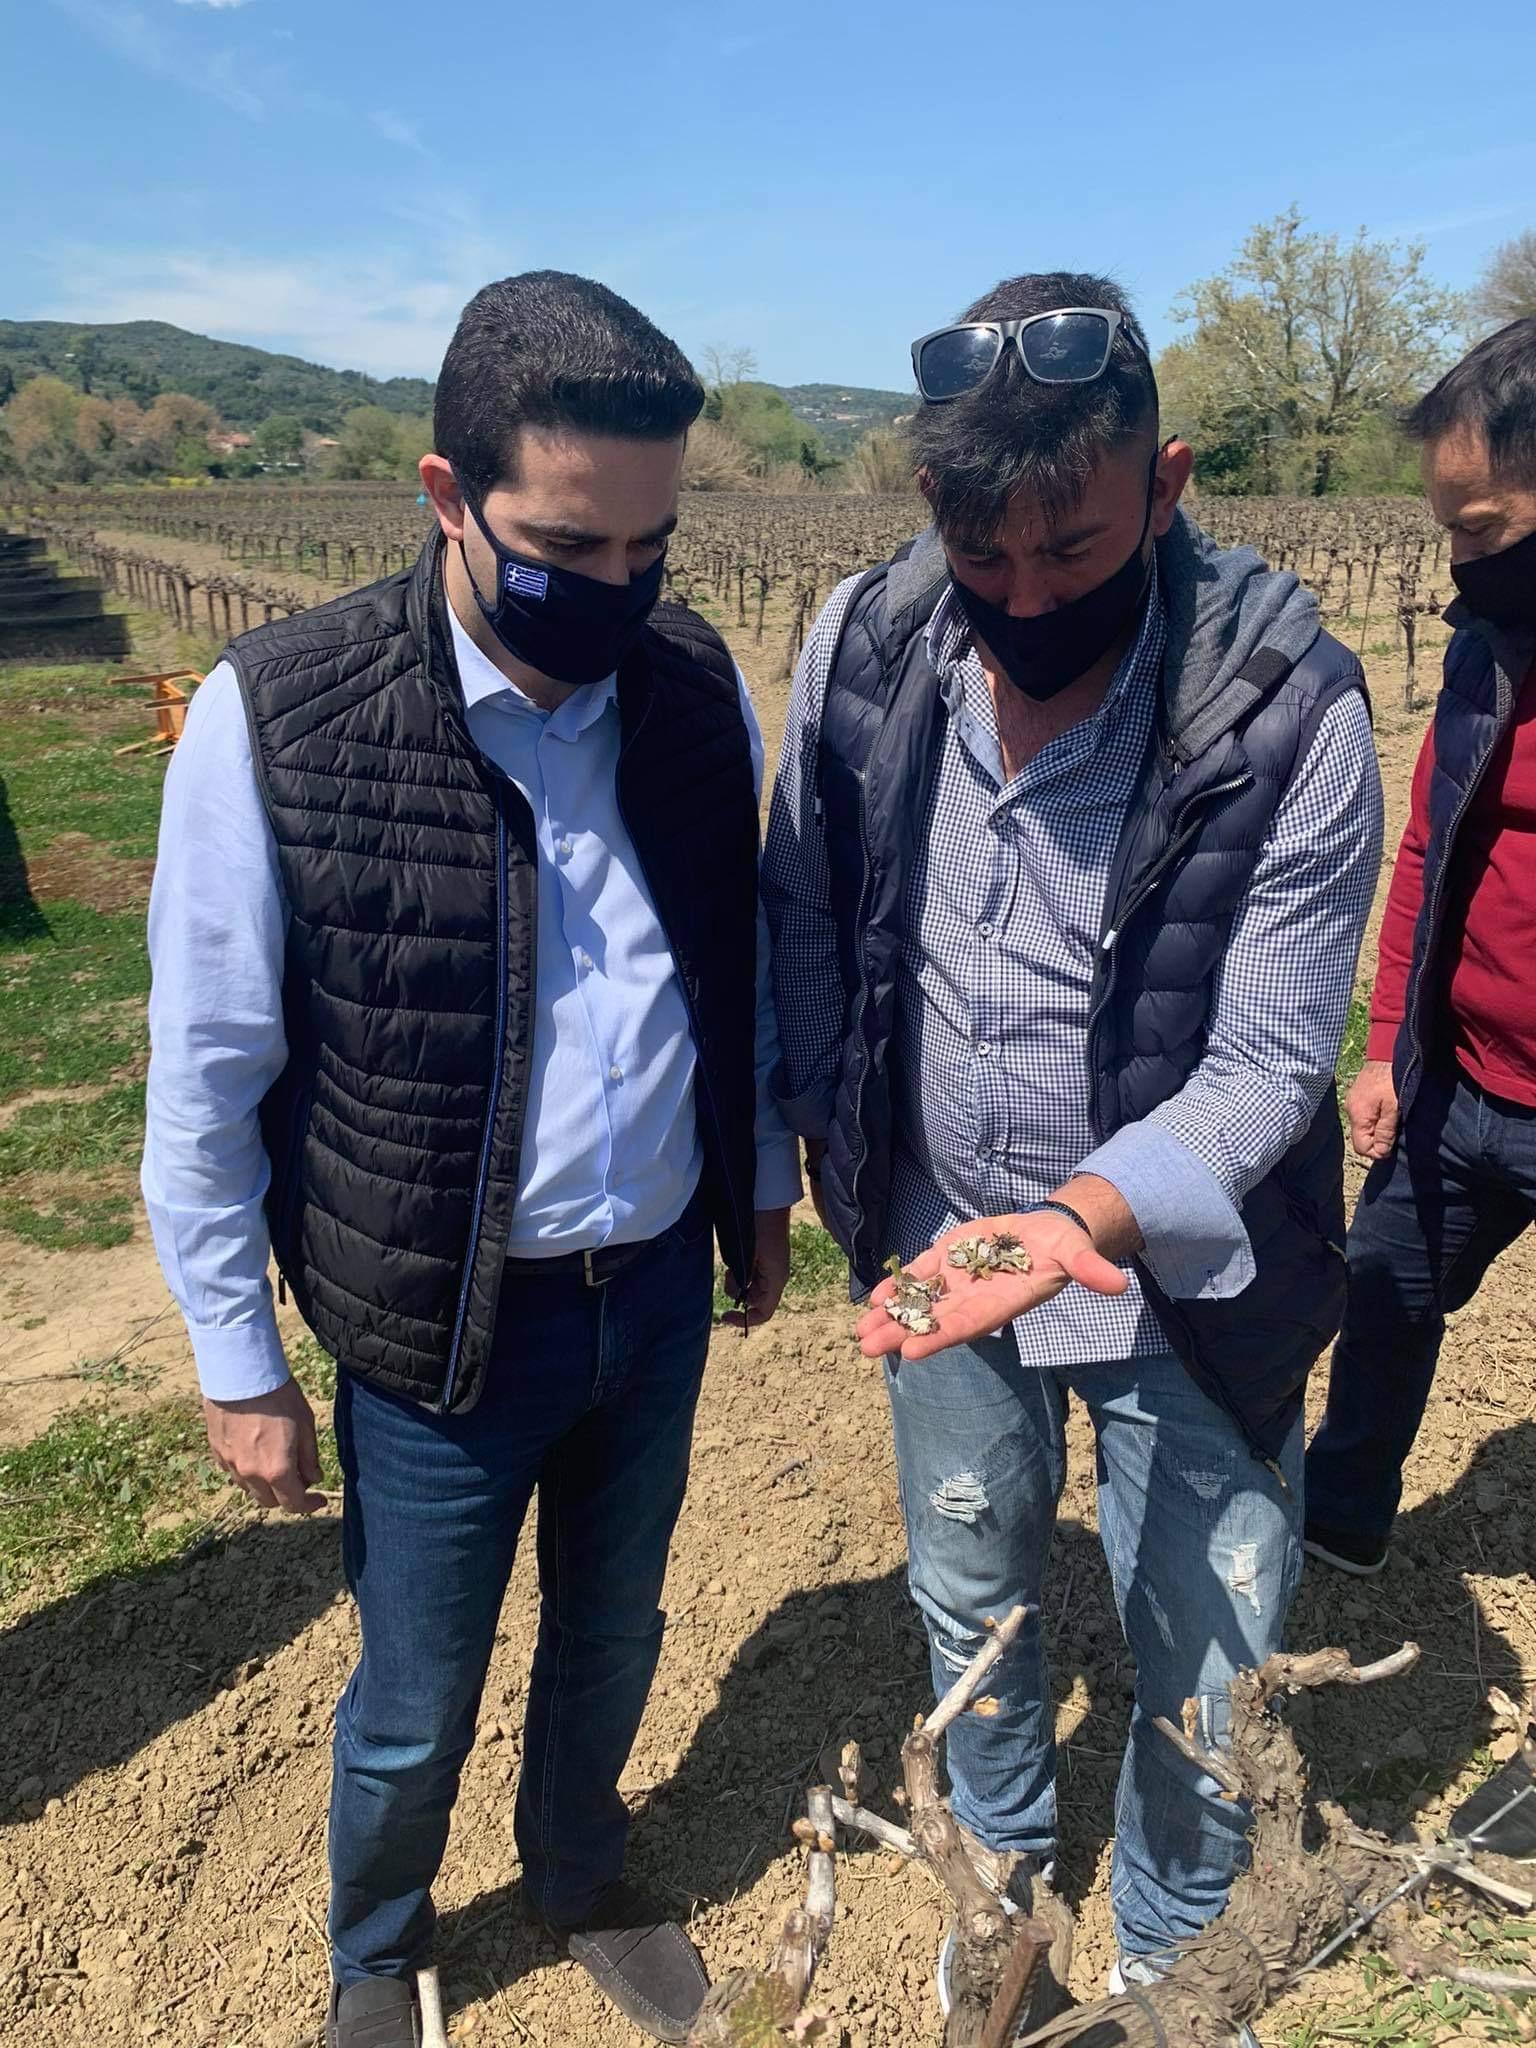 Μιχάλης Κατρίνης: Σε αδιέξοδο οι αγρότες της Ηλείας- Άμεσες διαδικασίες για να δοθούν αποζημιώσεις από τον παγετό